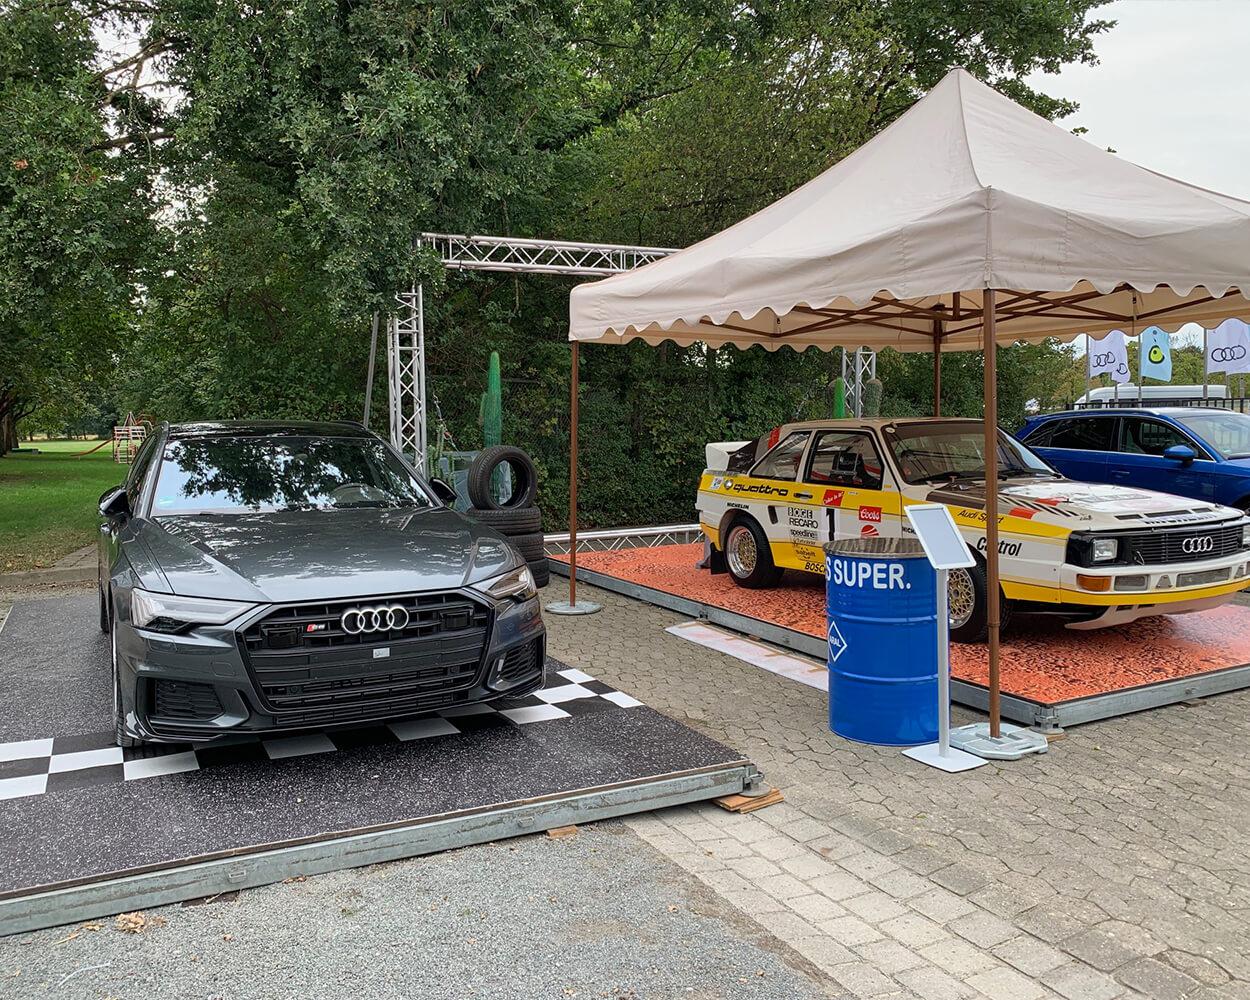 Bodengestaltung Steinoptik Fahrzeugpräsentation